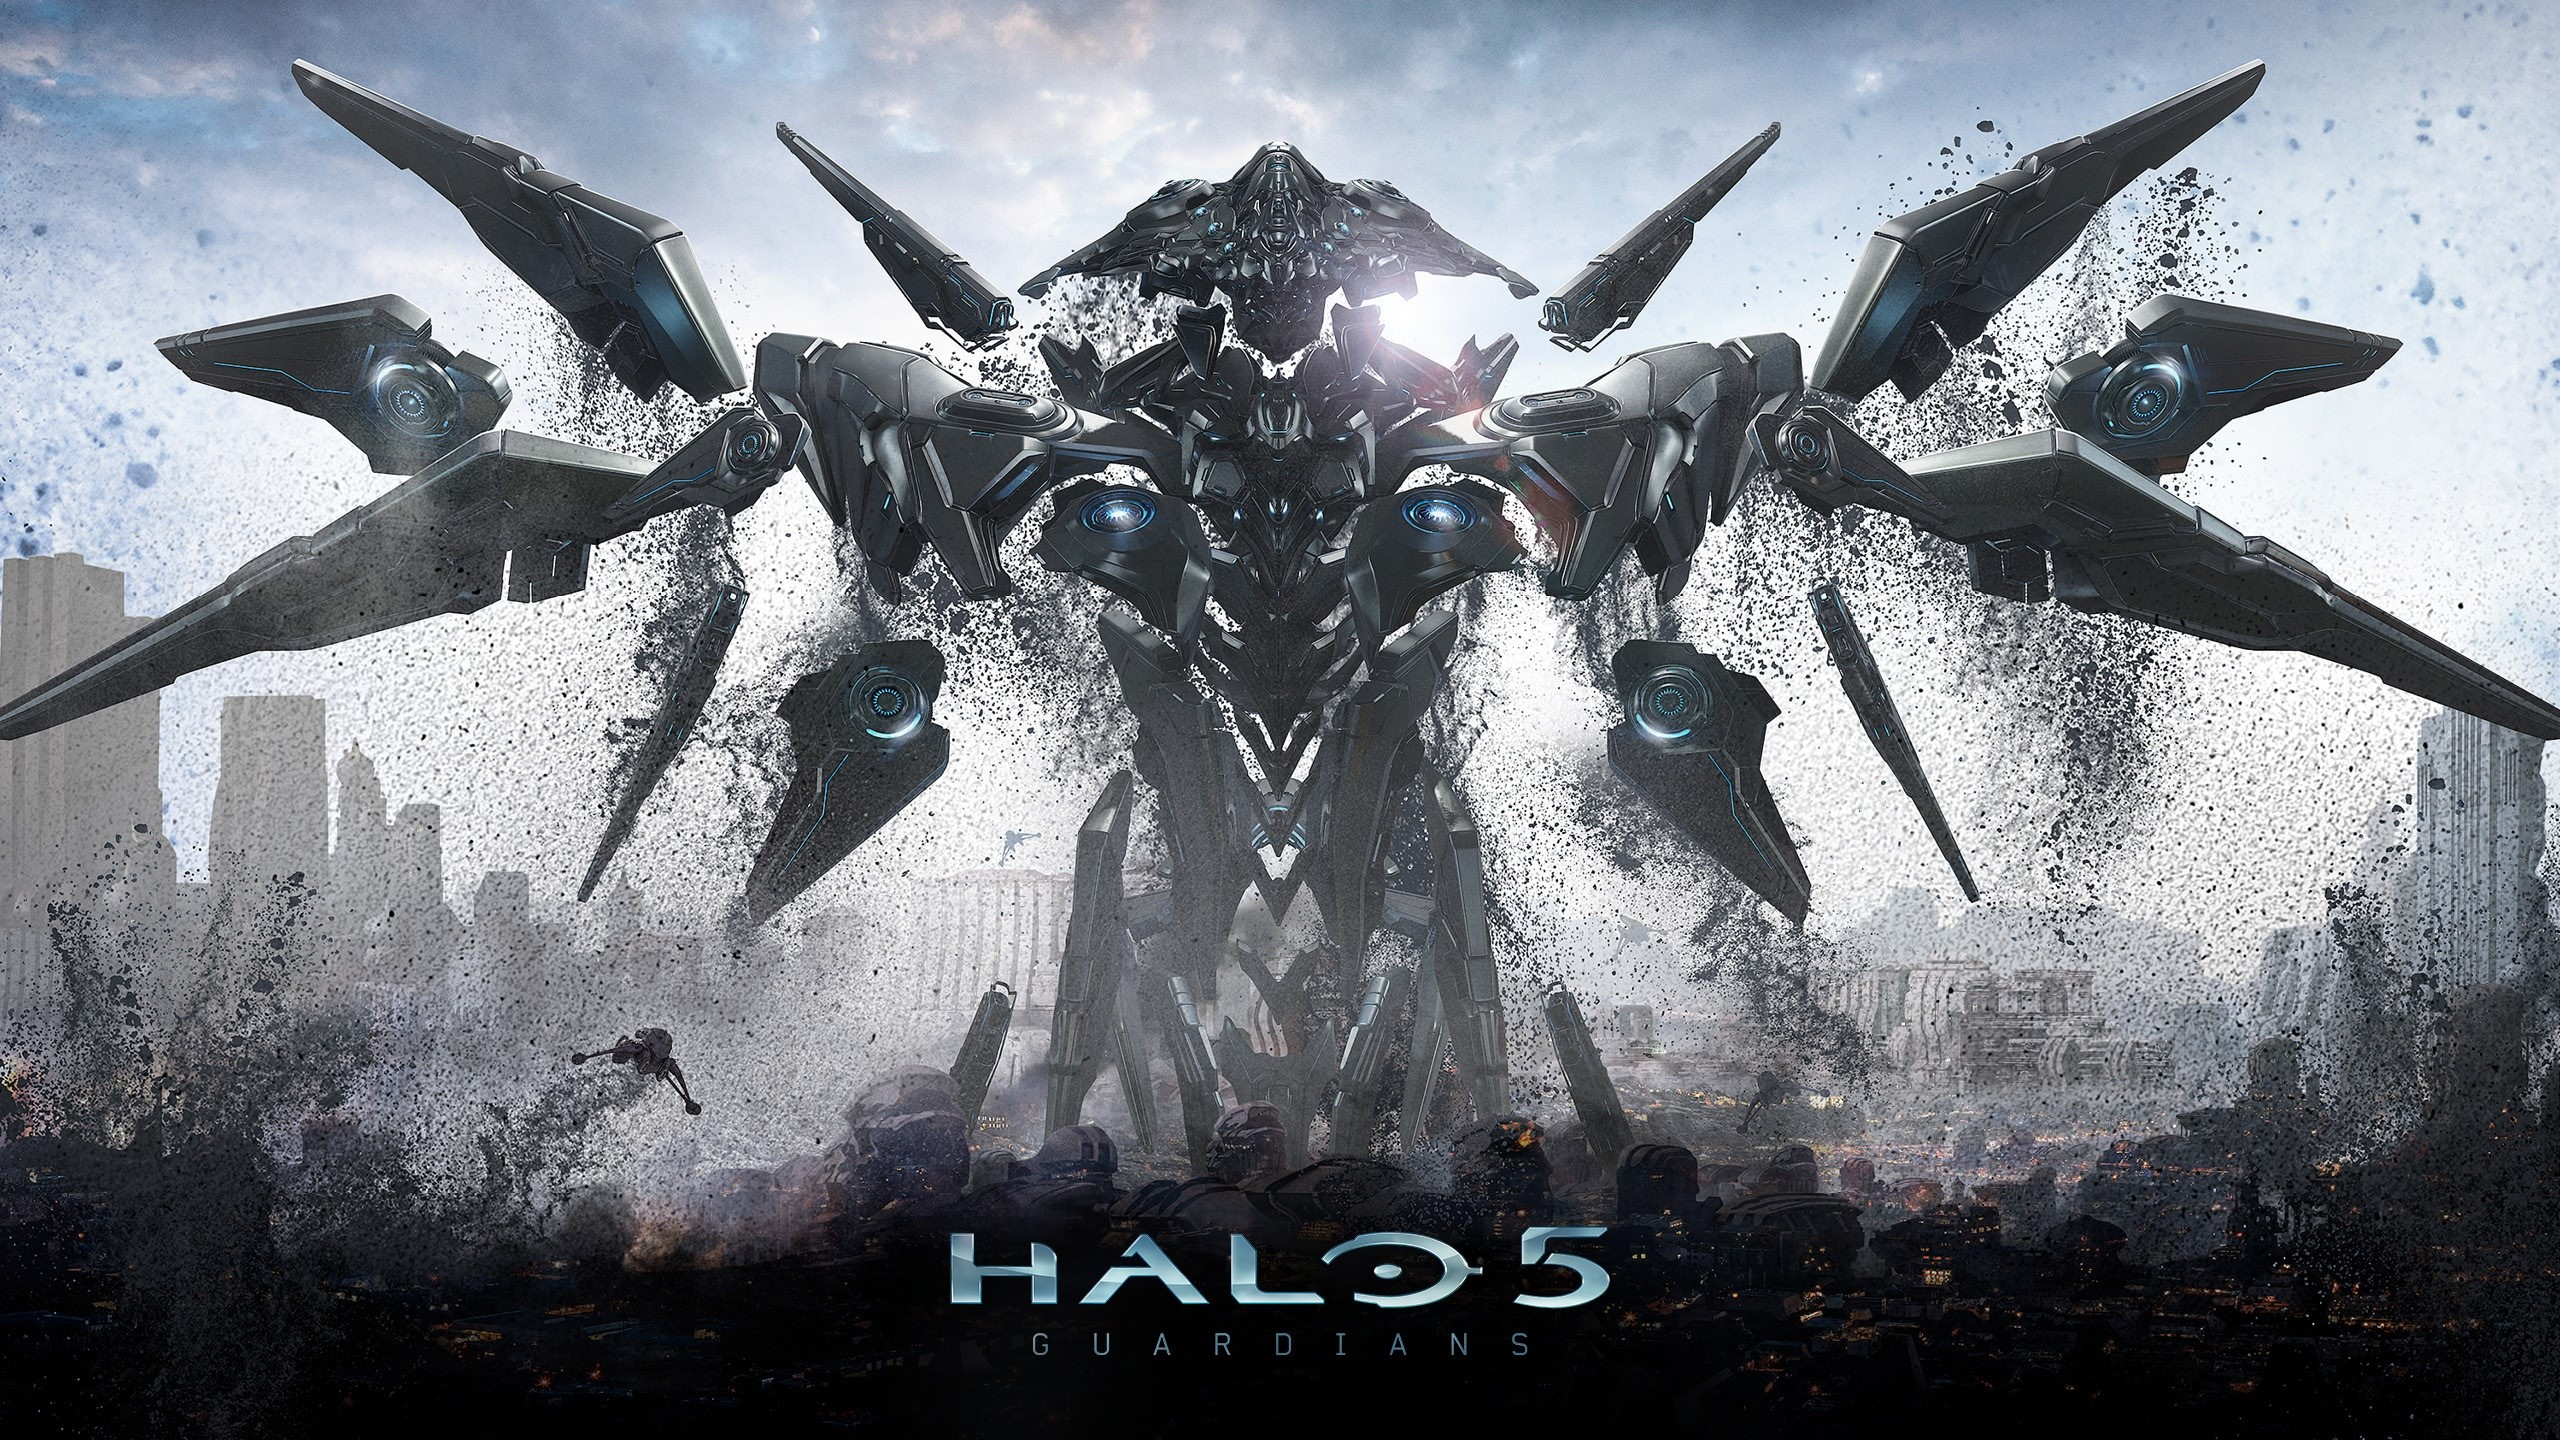 Imagenes Fondos De Pantalla: Guardian En Halo 5 Guardians